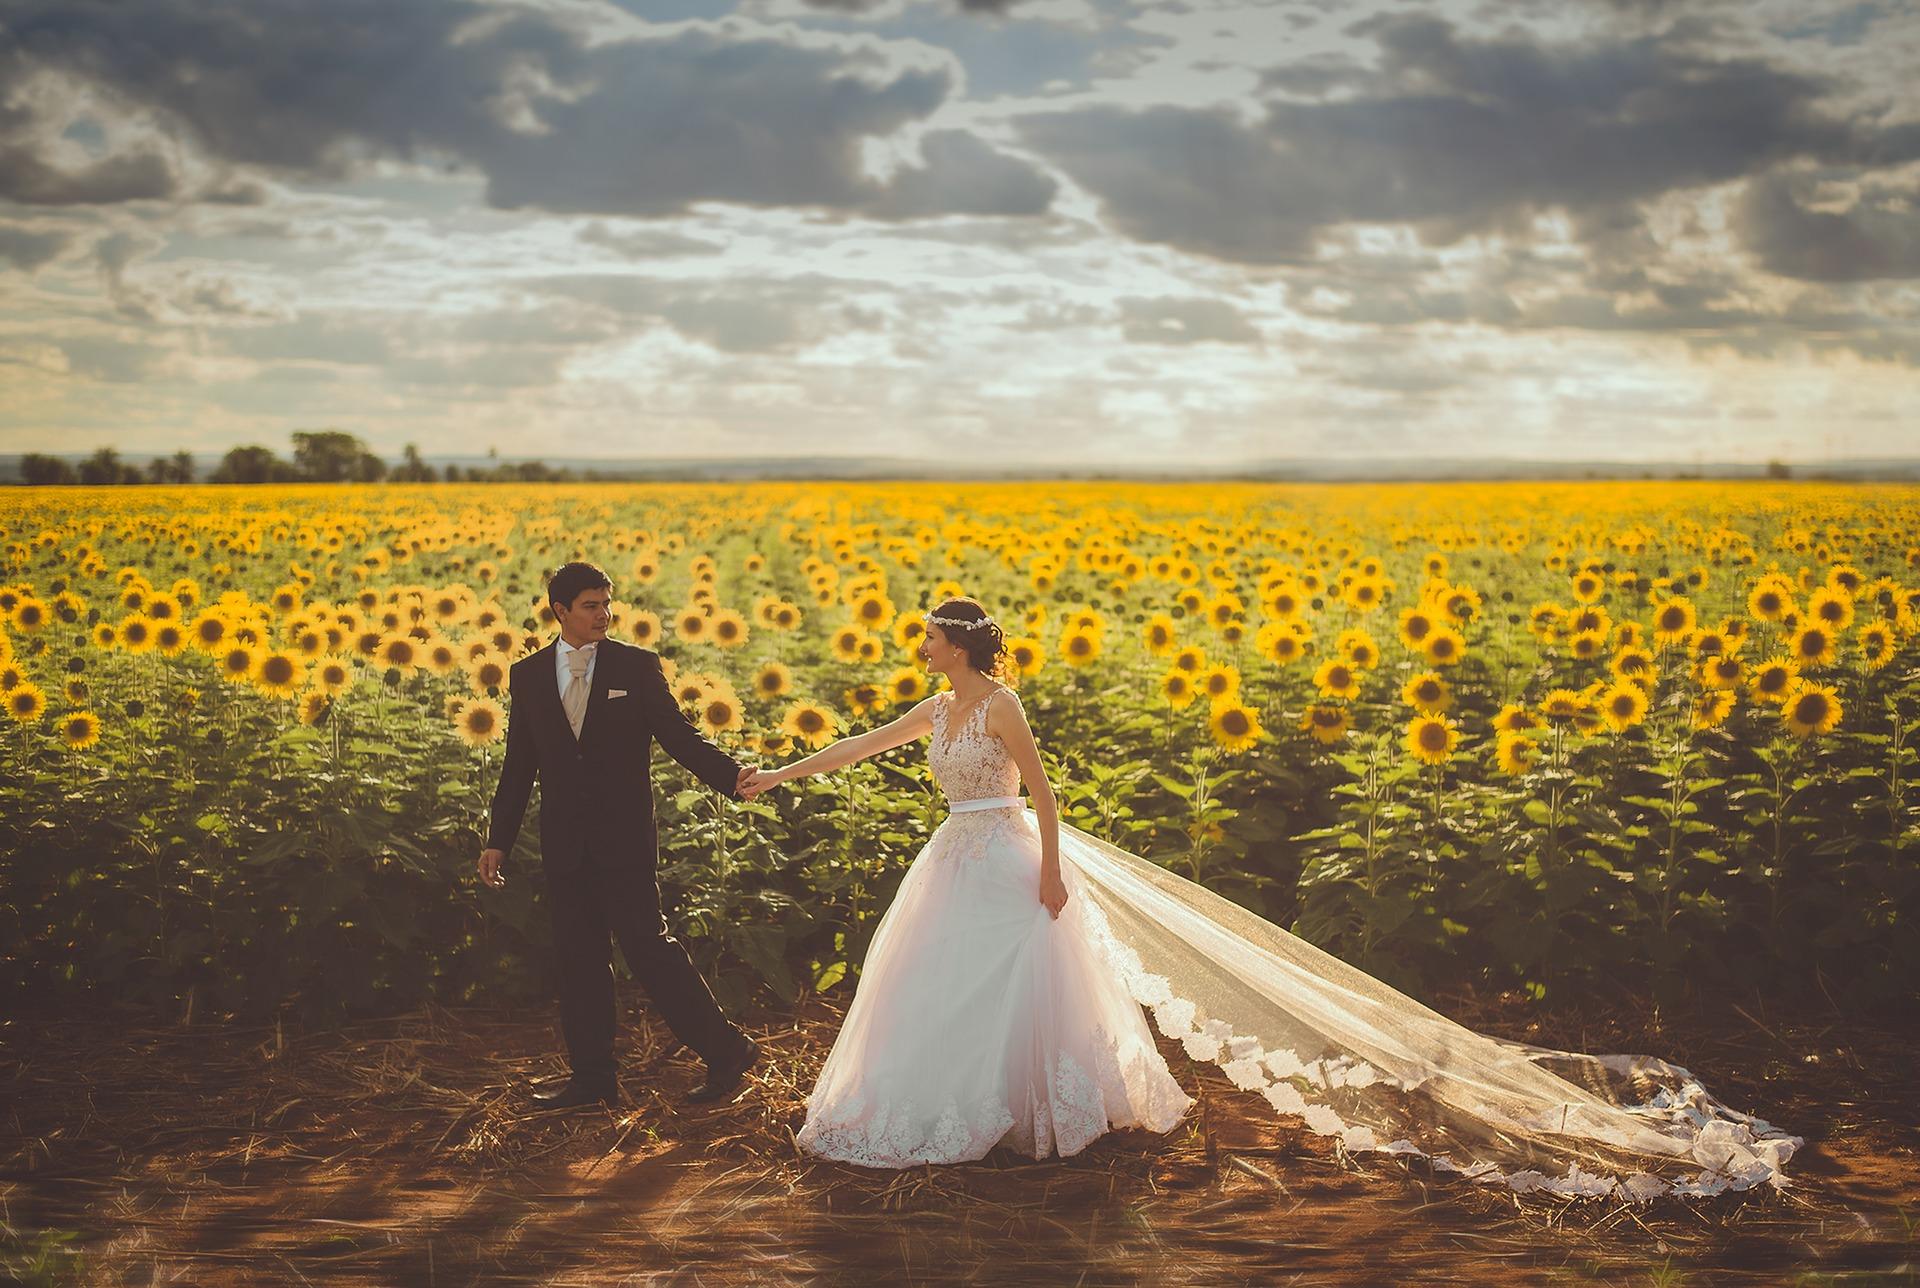 Matrimonio duro lavoro